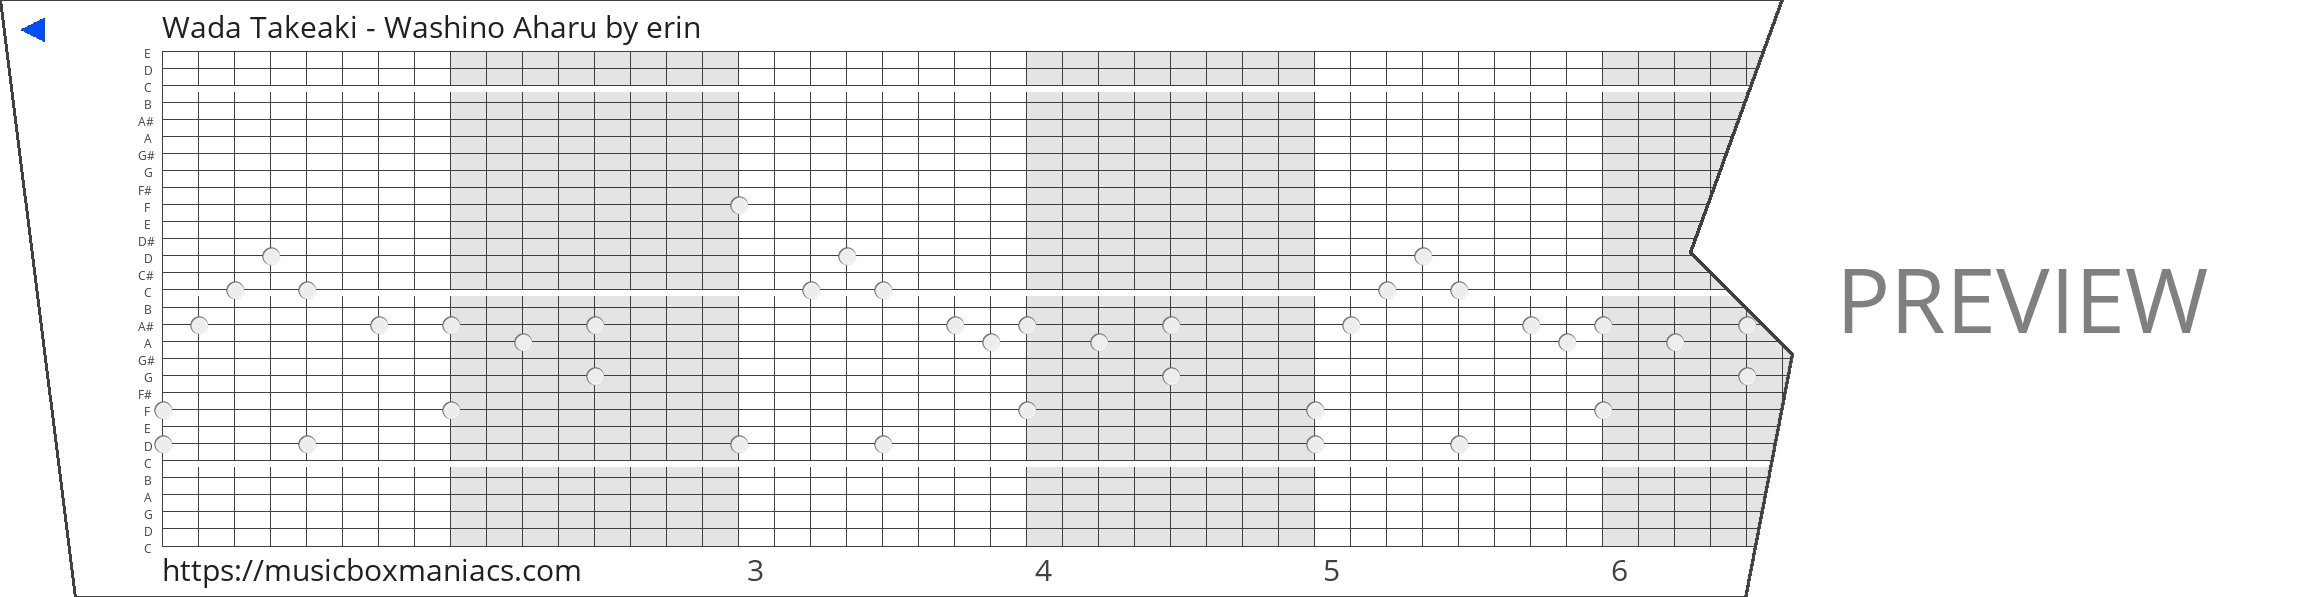 Wada Takeaki - Washino Aharu 30 note music box paper strip